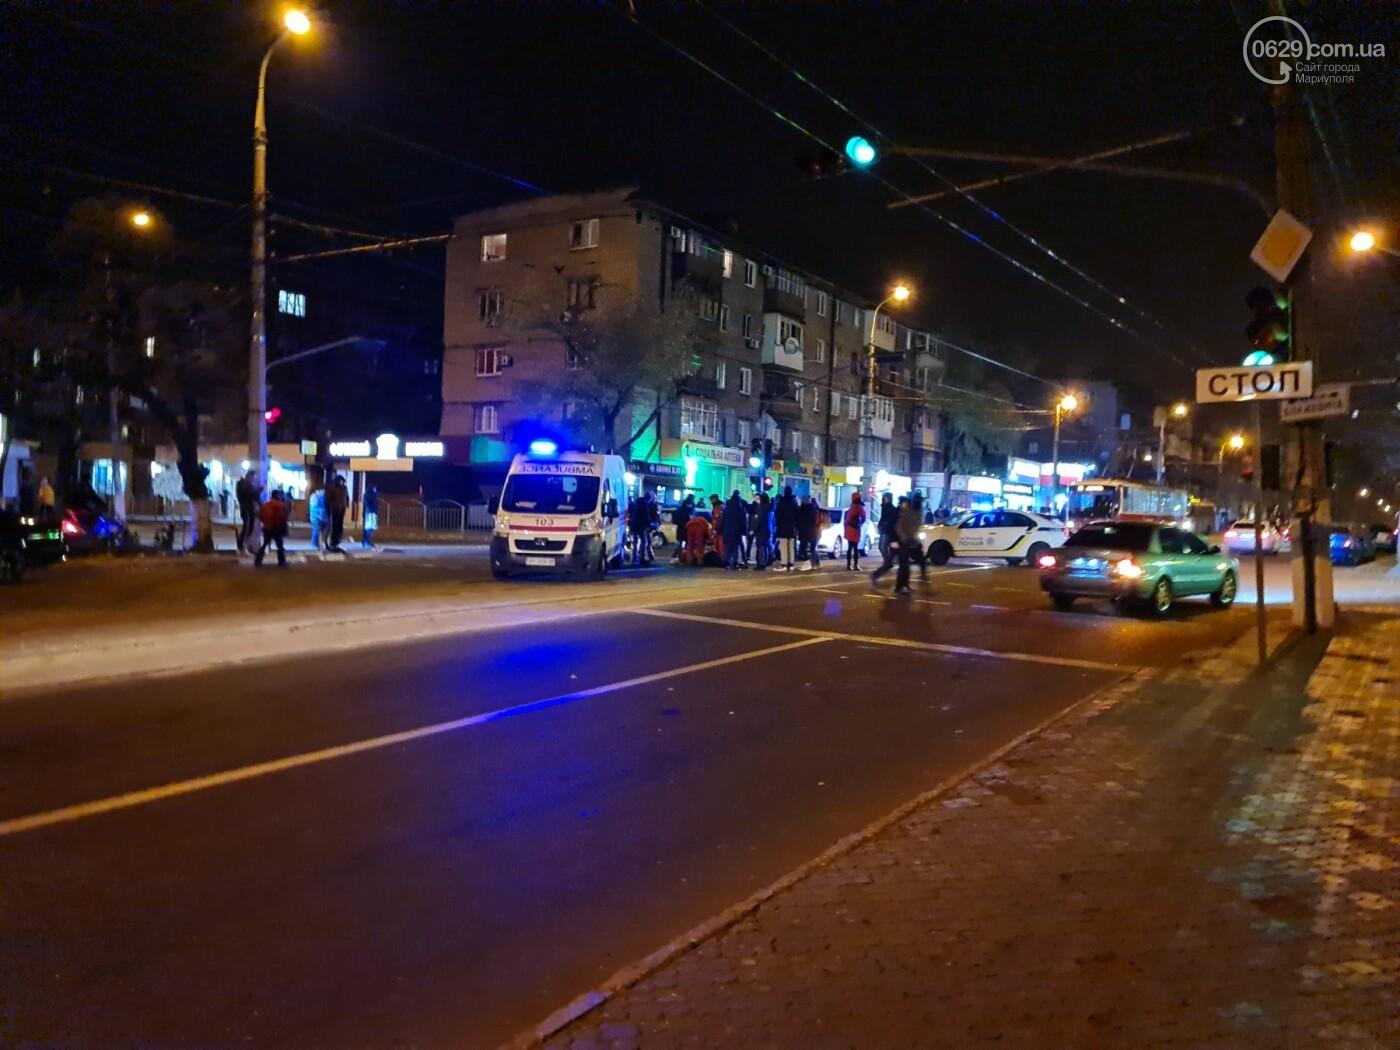 В Мариуполе автомобиль сбил пешехода, - ФОТО, фото-3